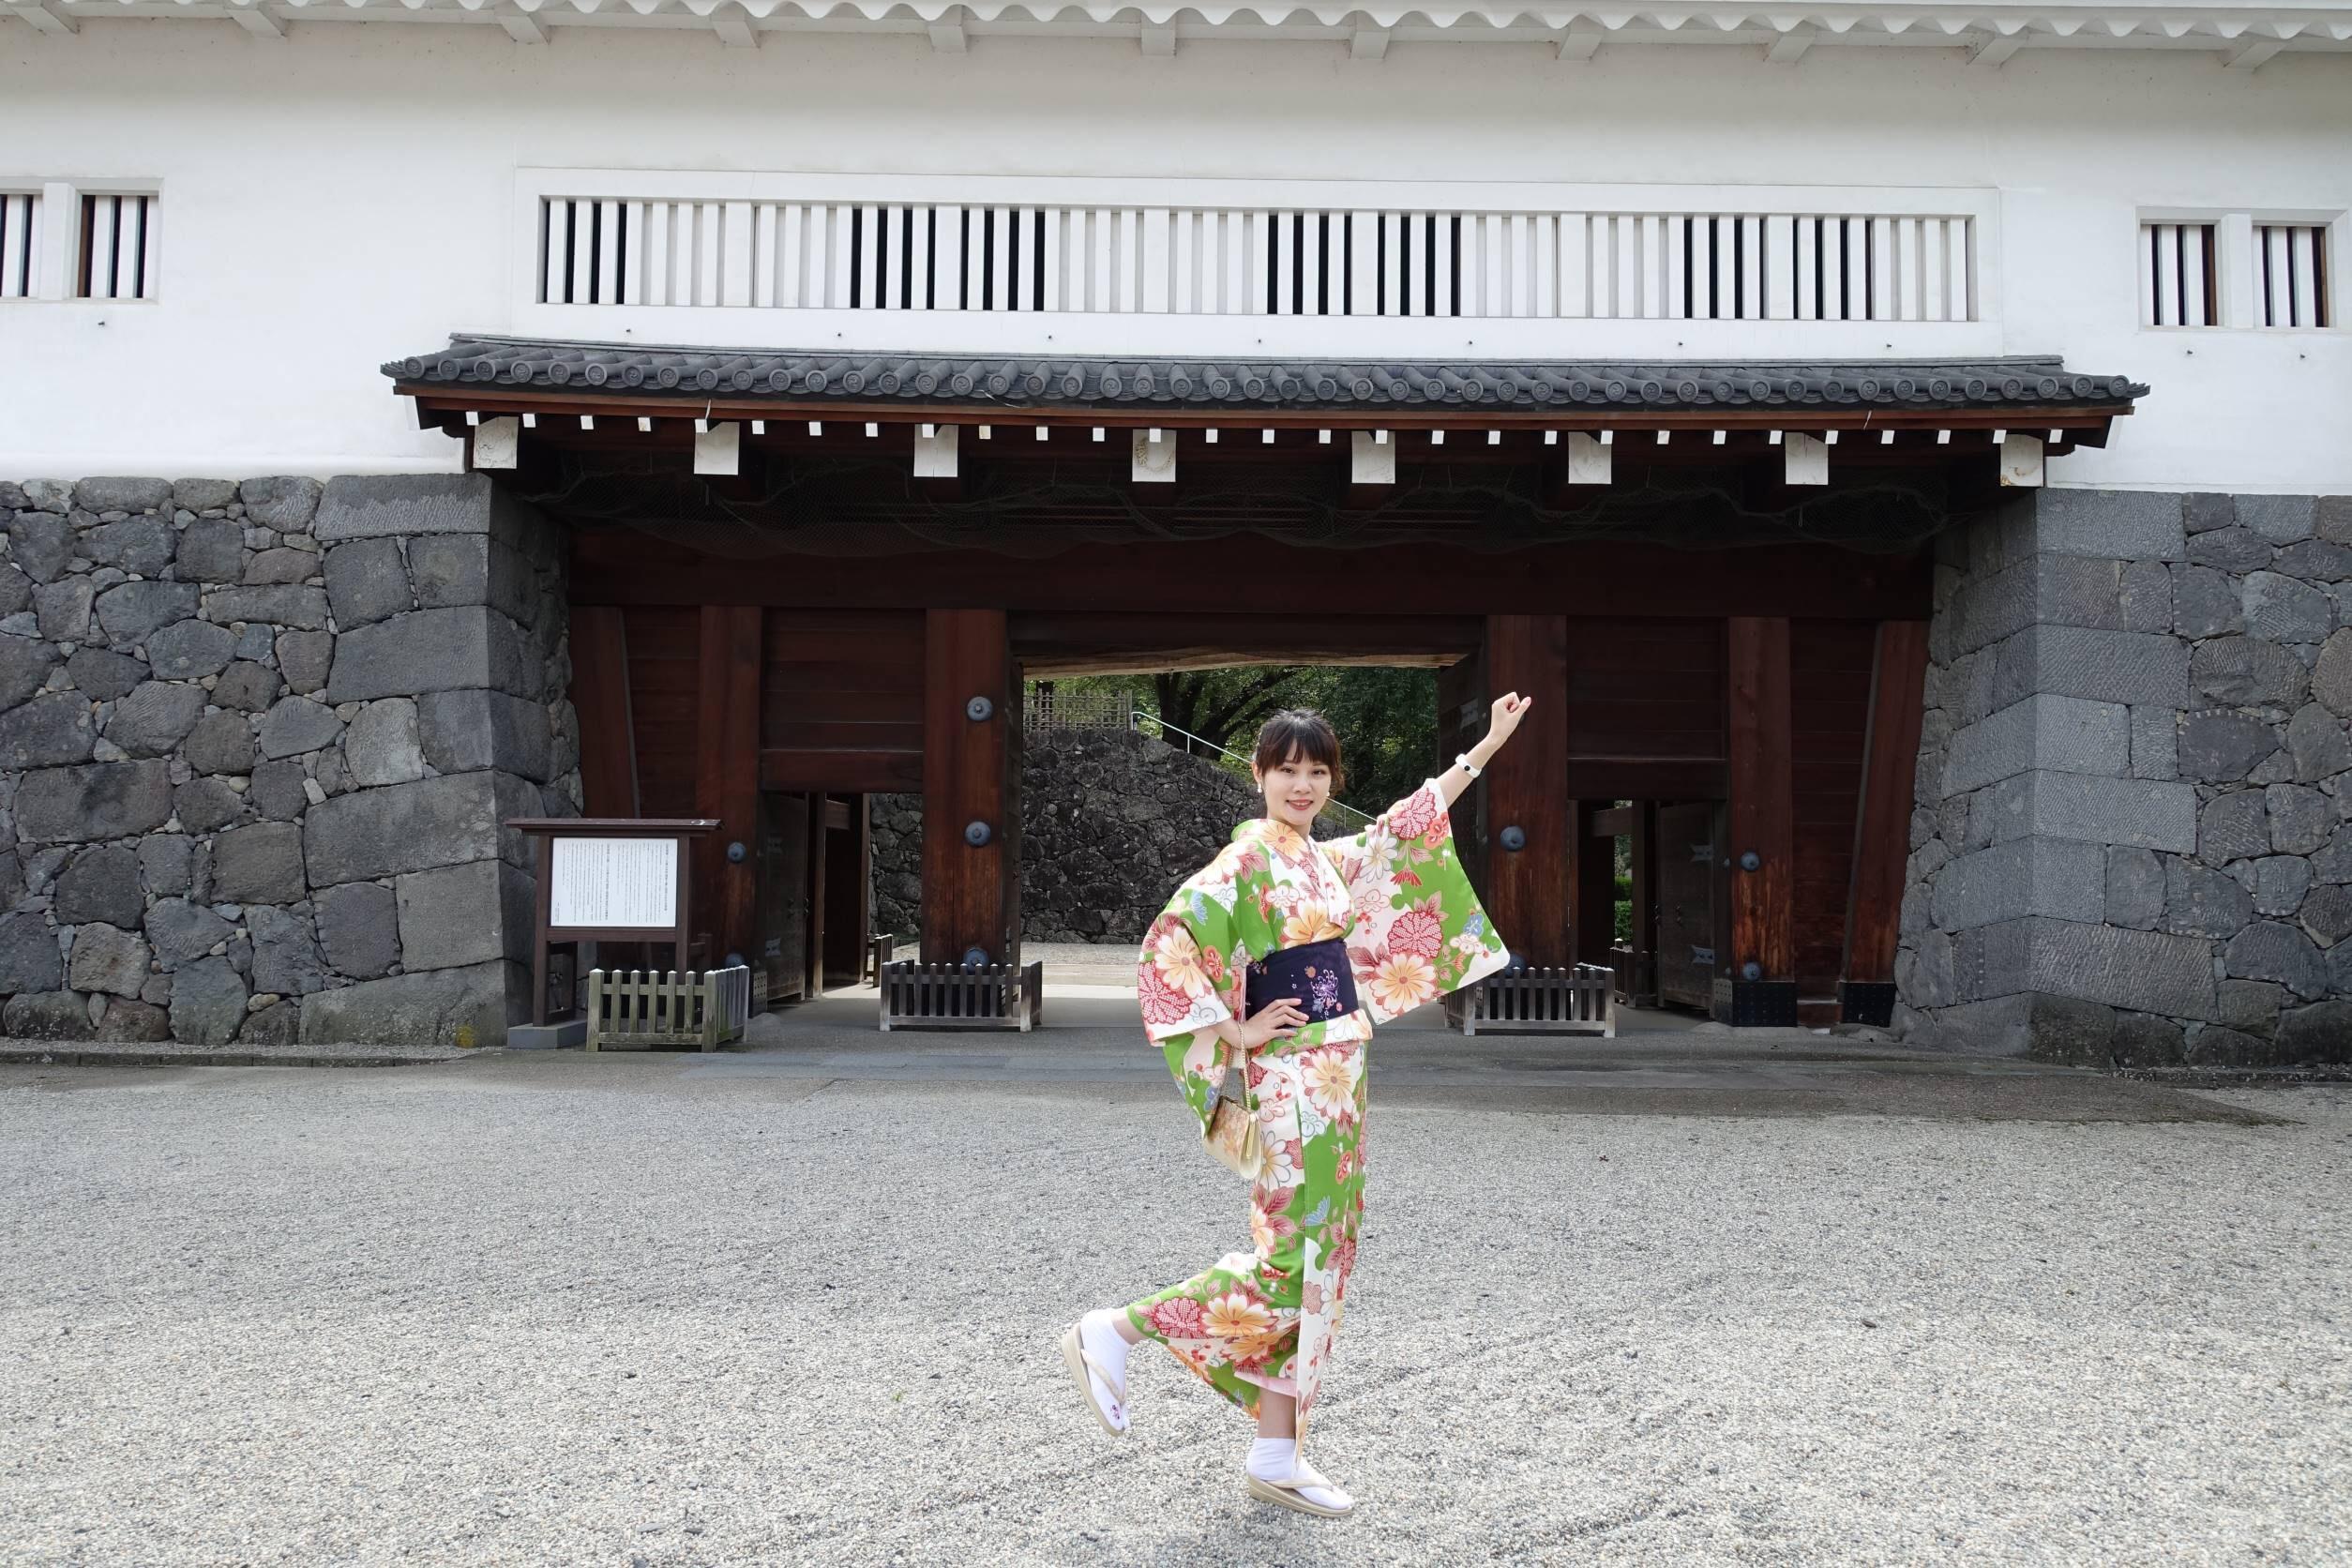 http://www.tomihiro.co.jp/blog/2019/10/04/2c7408909b438dd458a05743ee4d6d35342070cd.jpg